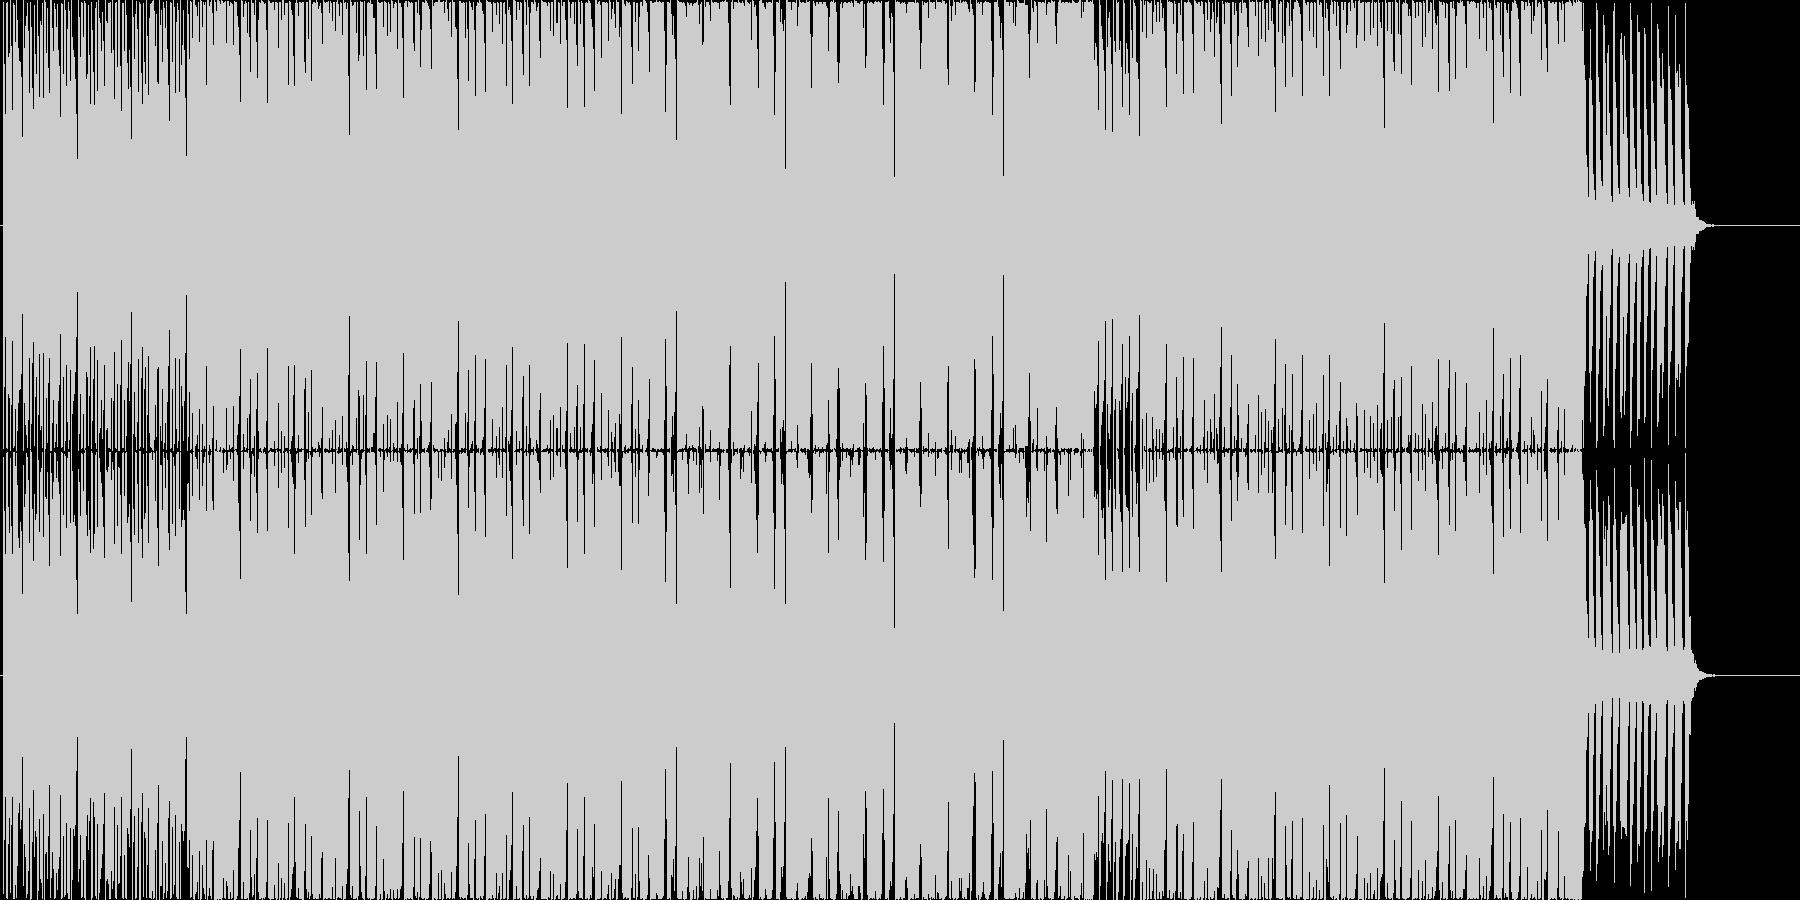 少しジャズっぽい大人で落ち着いたBGMの未再生の波形